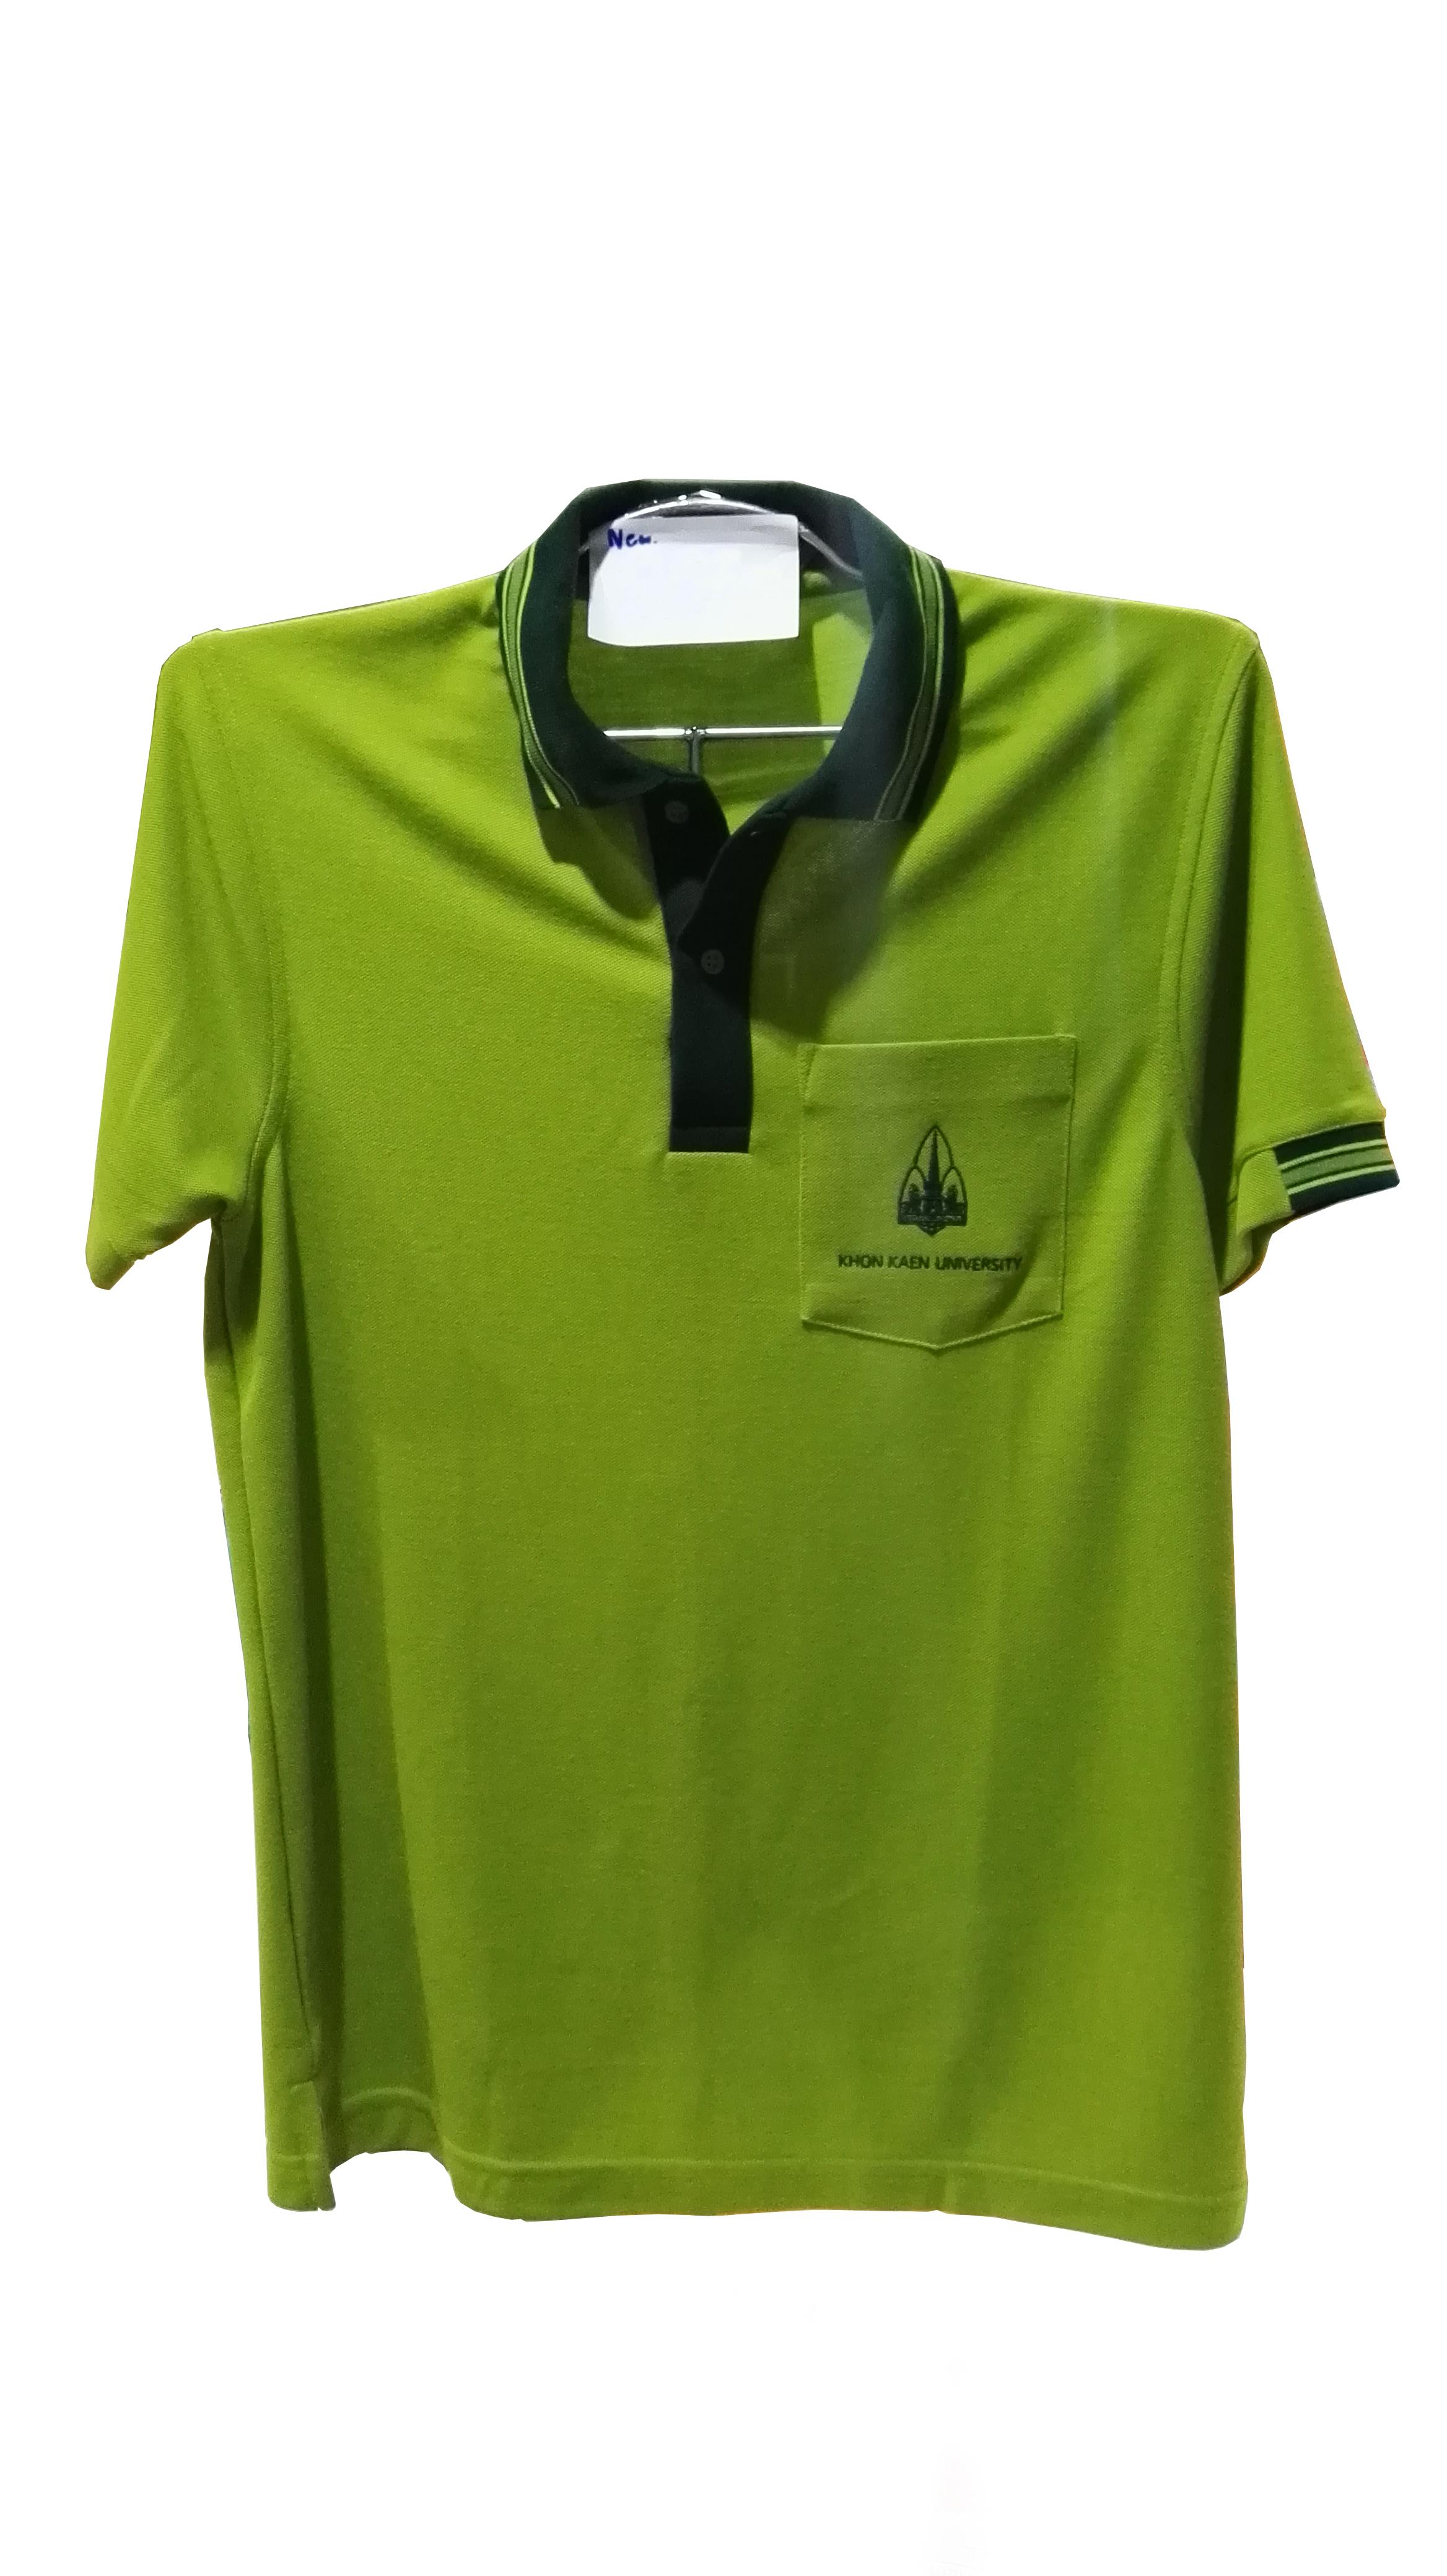 เสื้อโปโลสีเขียวขี้ม้า 2XL(ชาย)